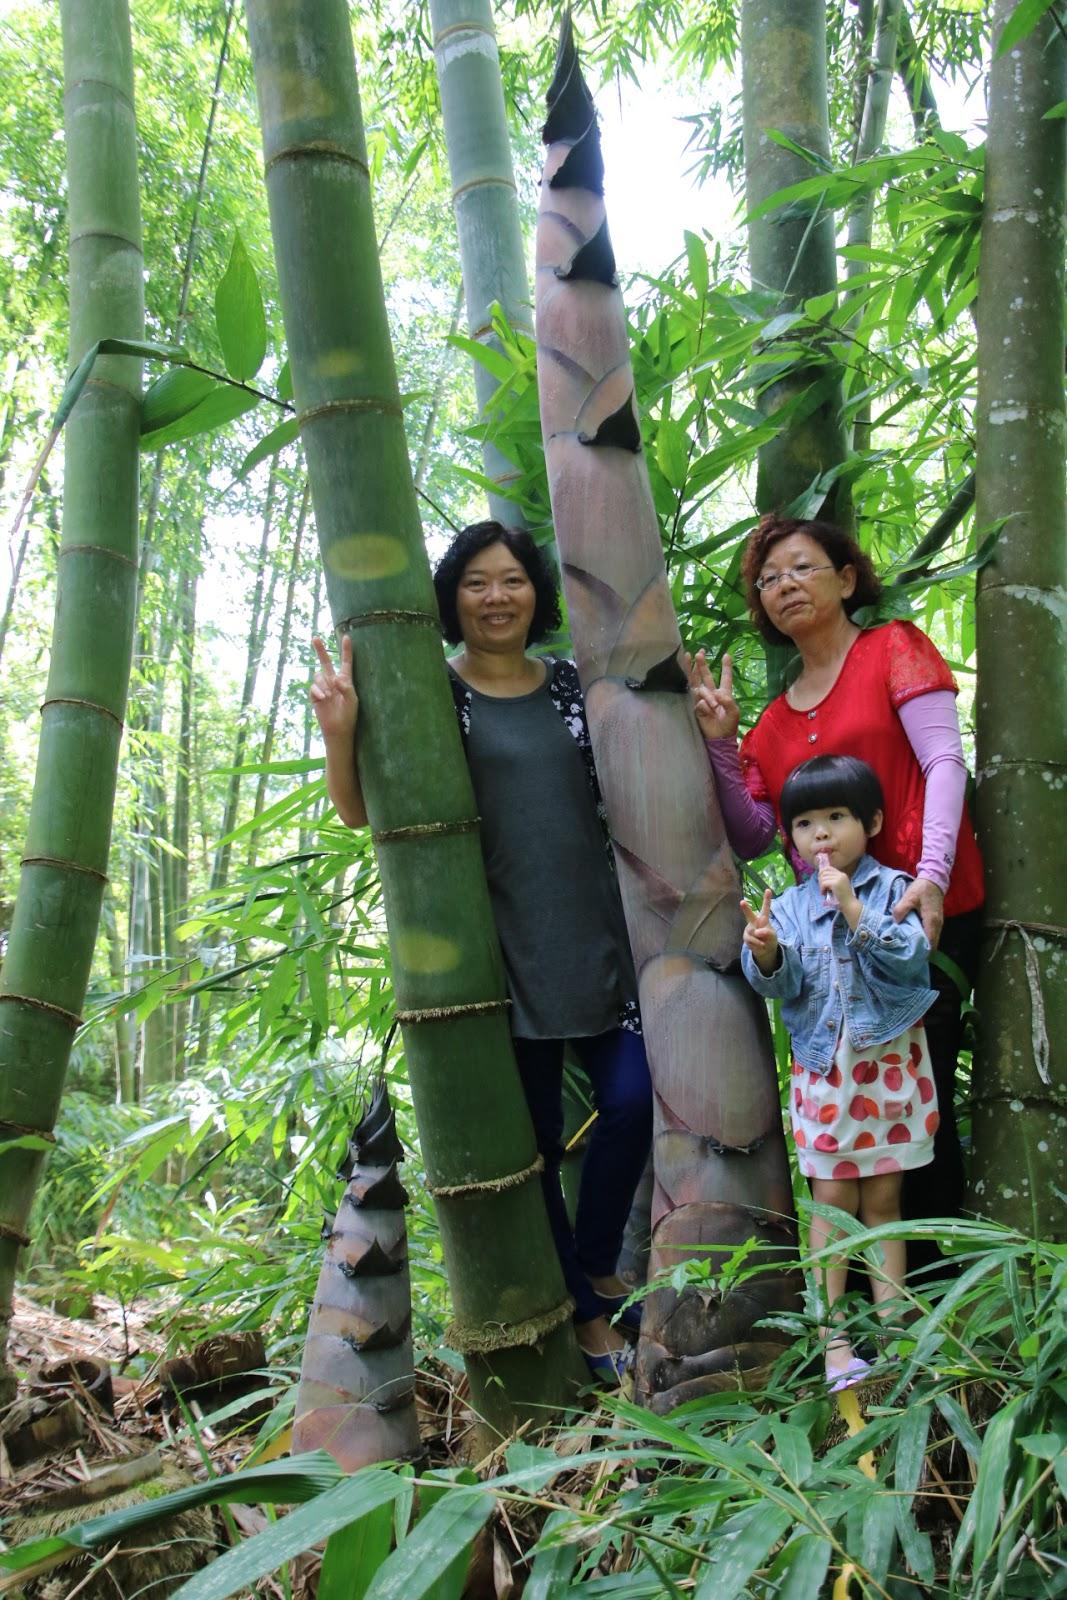 埔里報導雜誌: 林試所蓮華池 巨竹筍大如水桶